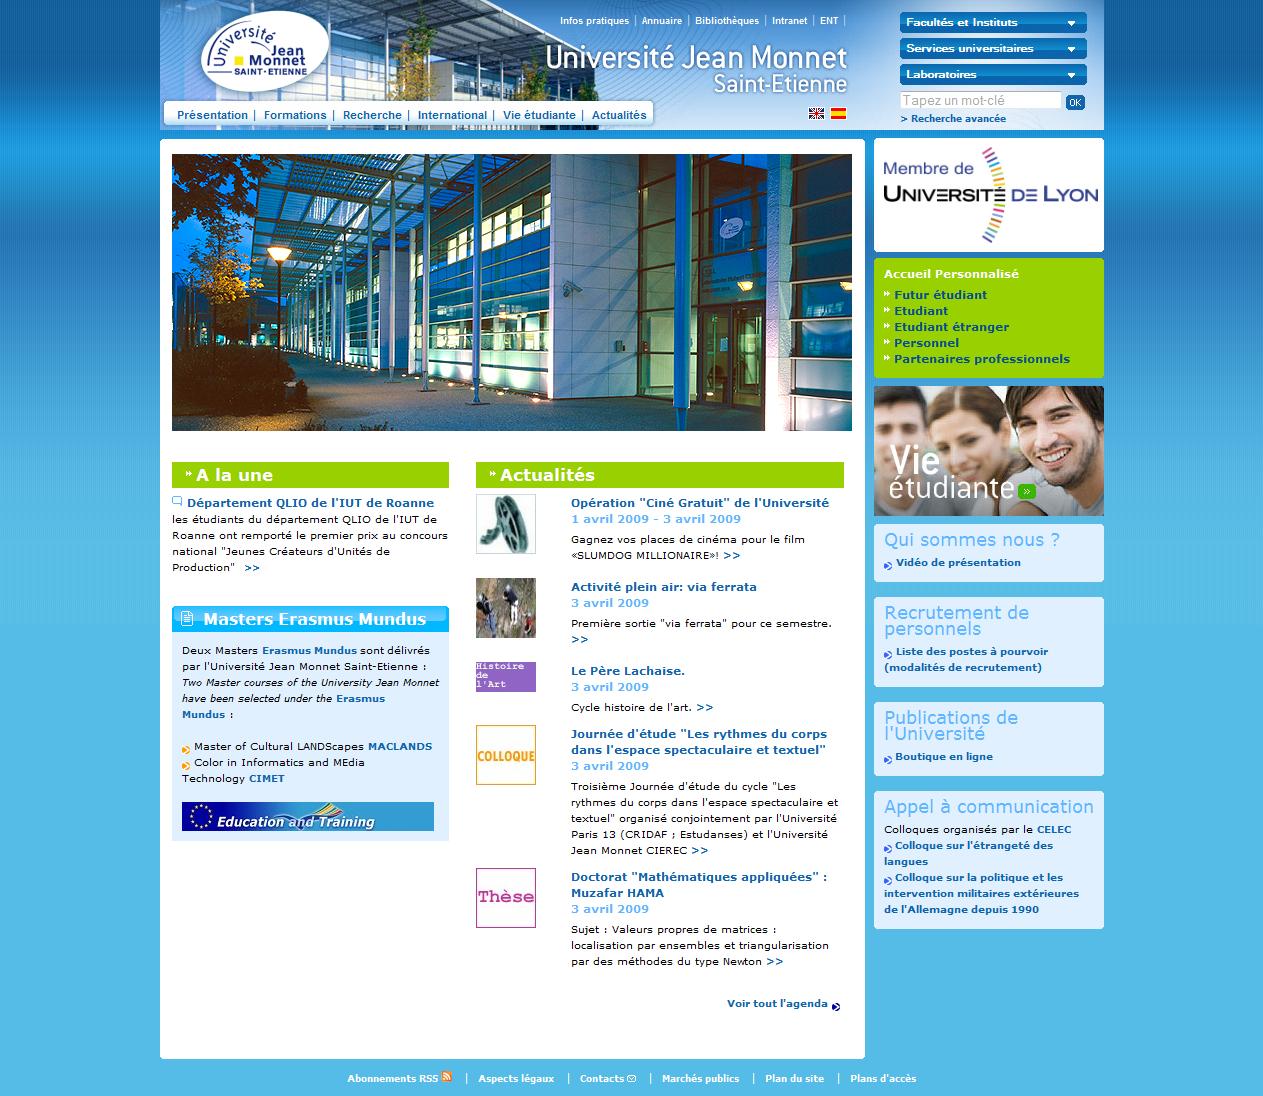 Screenshot du site internet de l'Université Jean Monnet Saint-Etienne